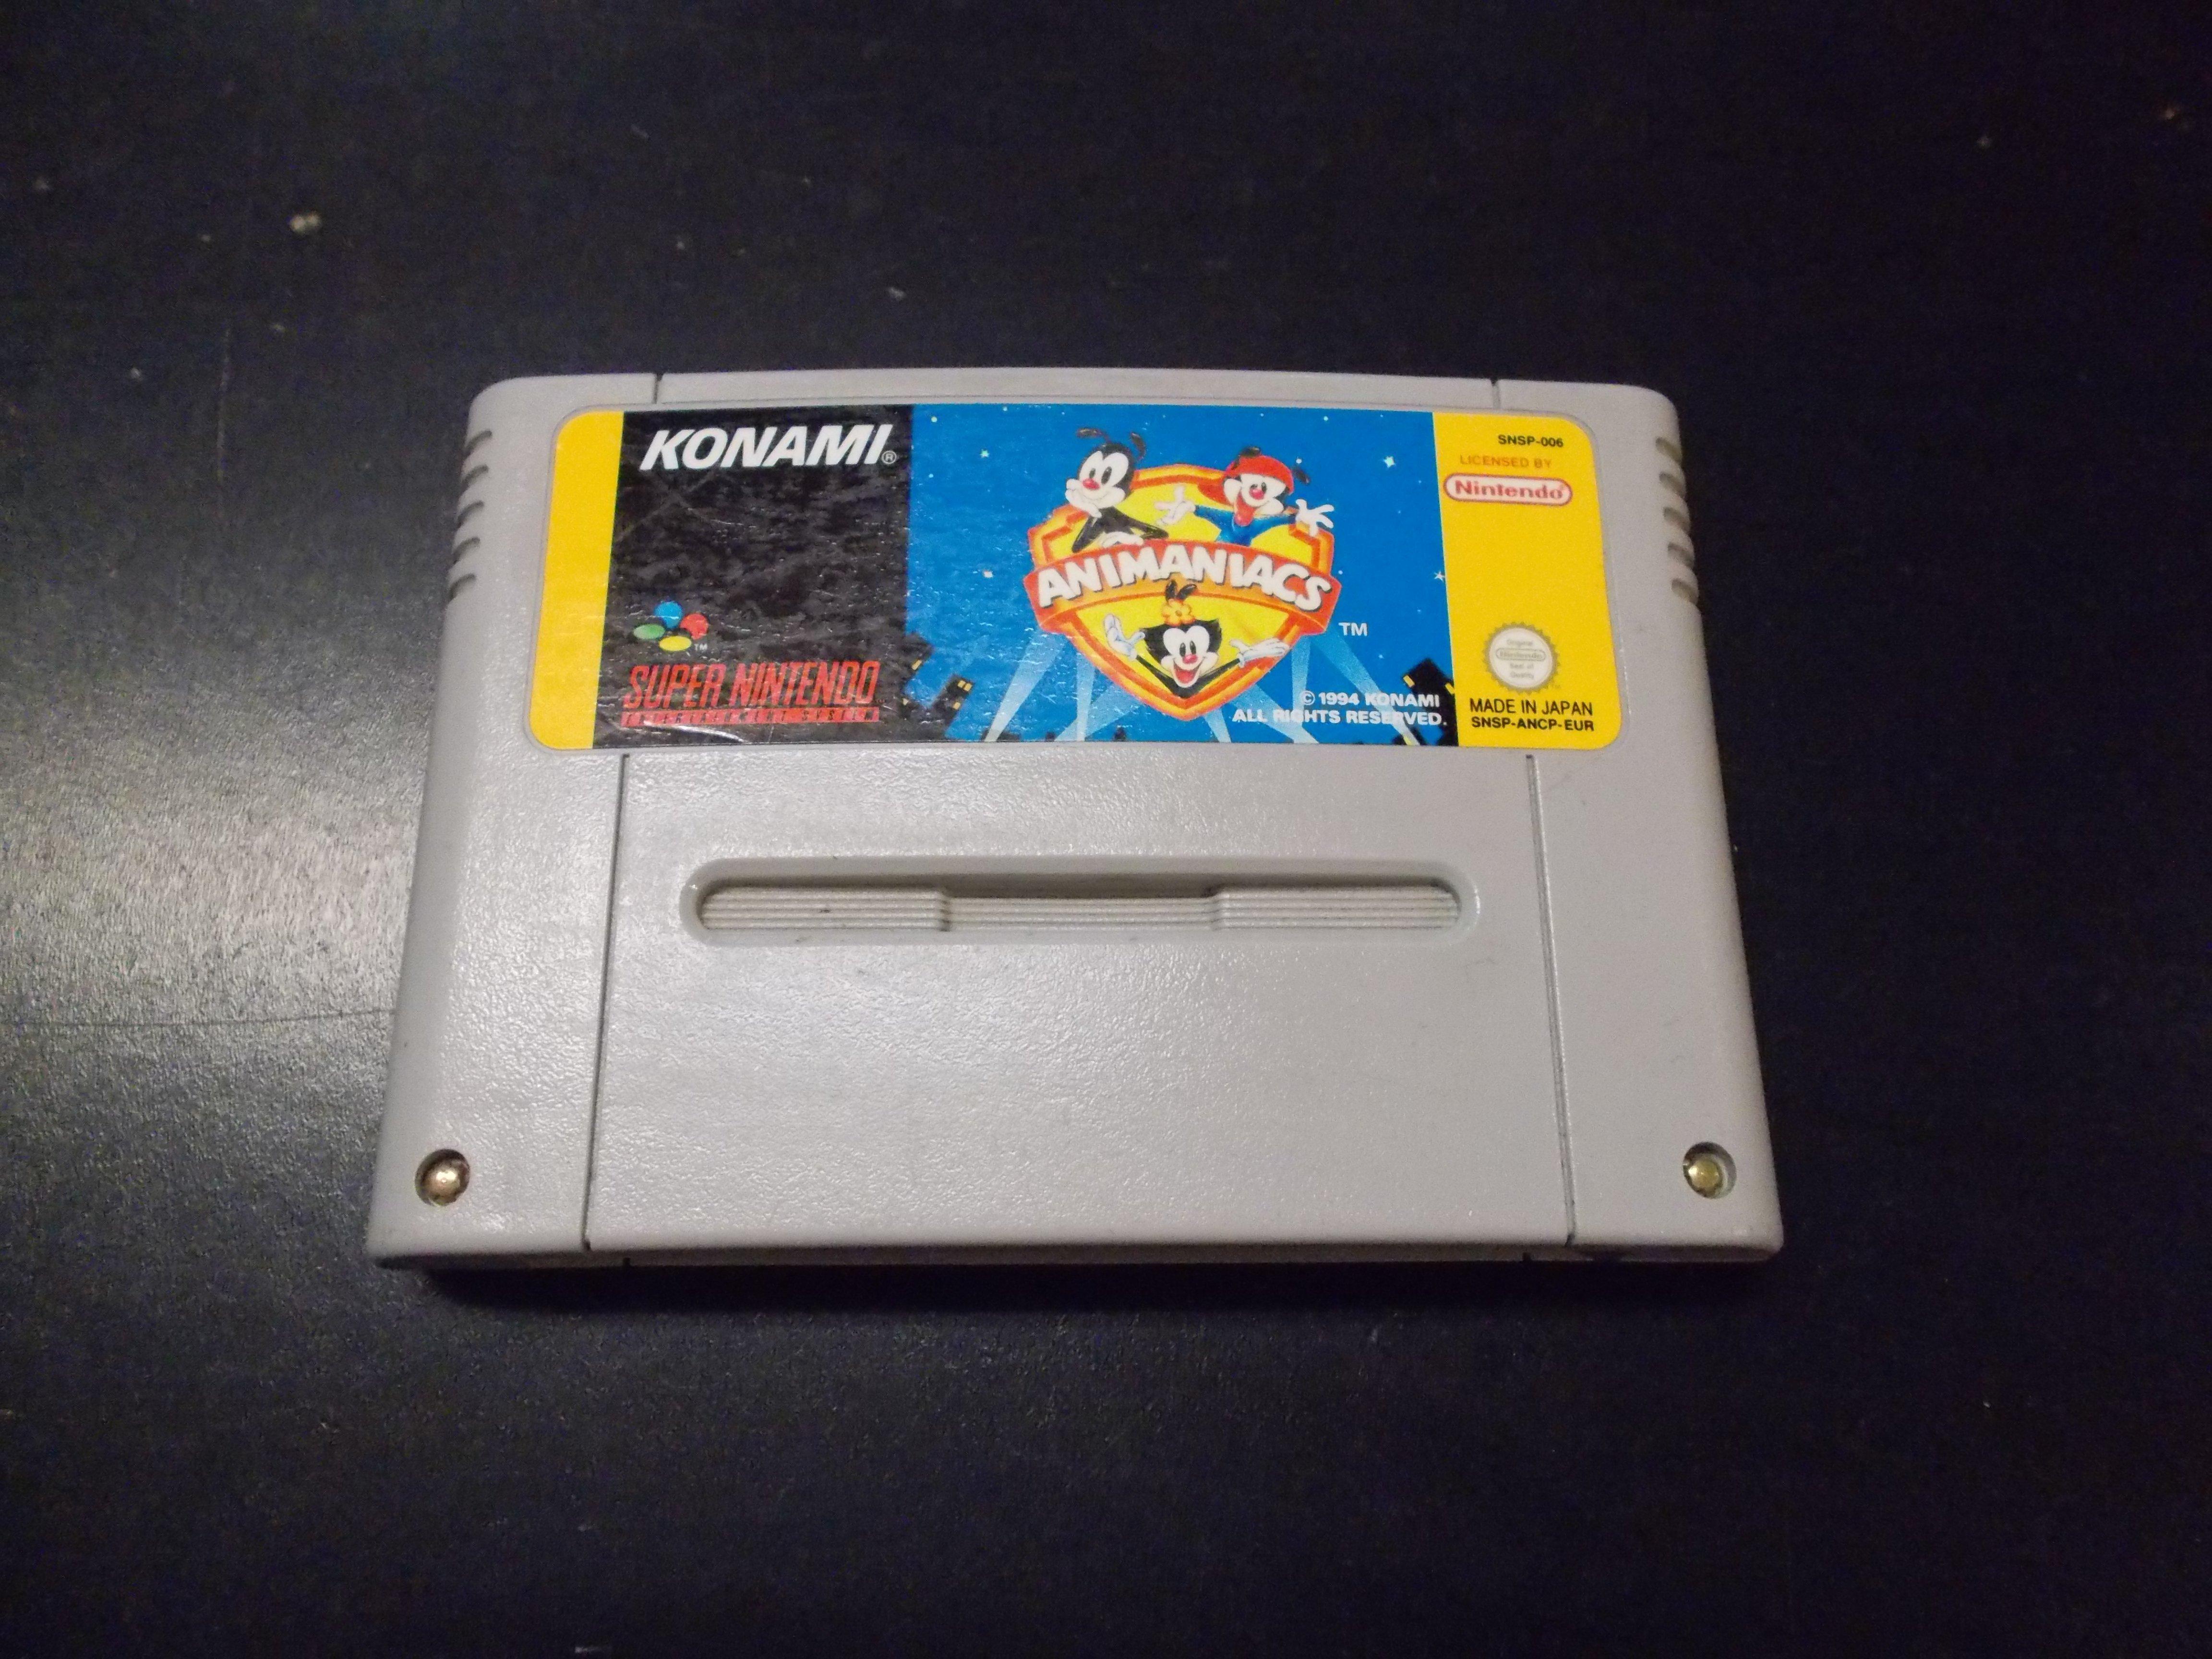 Animaniacs - GRA Nintendo SNES Opole 0166